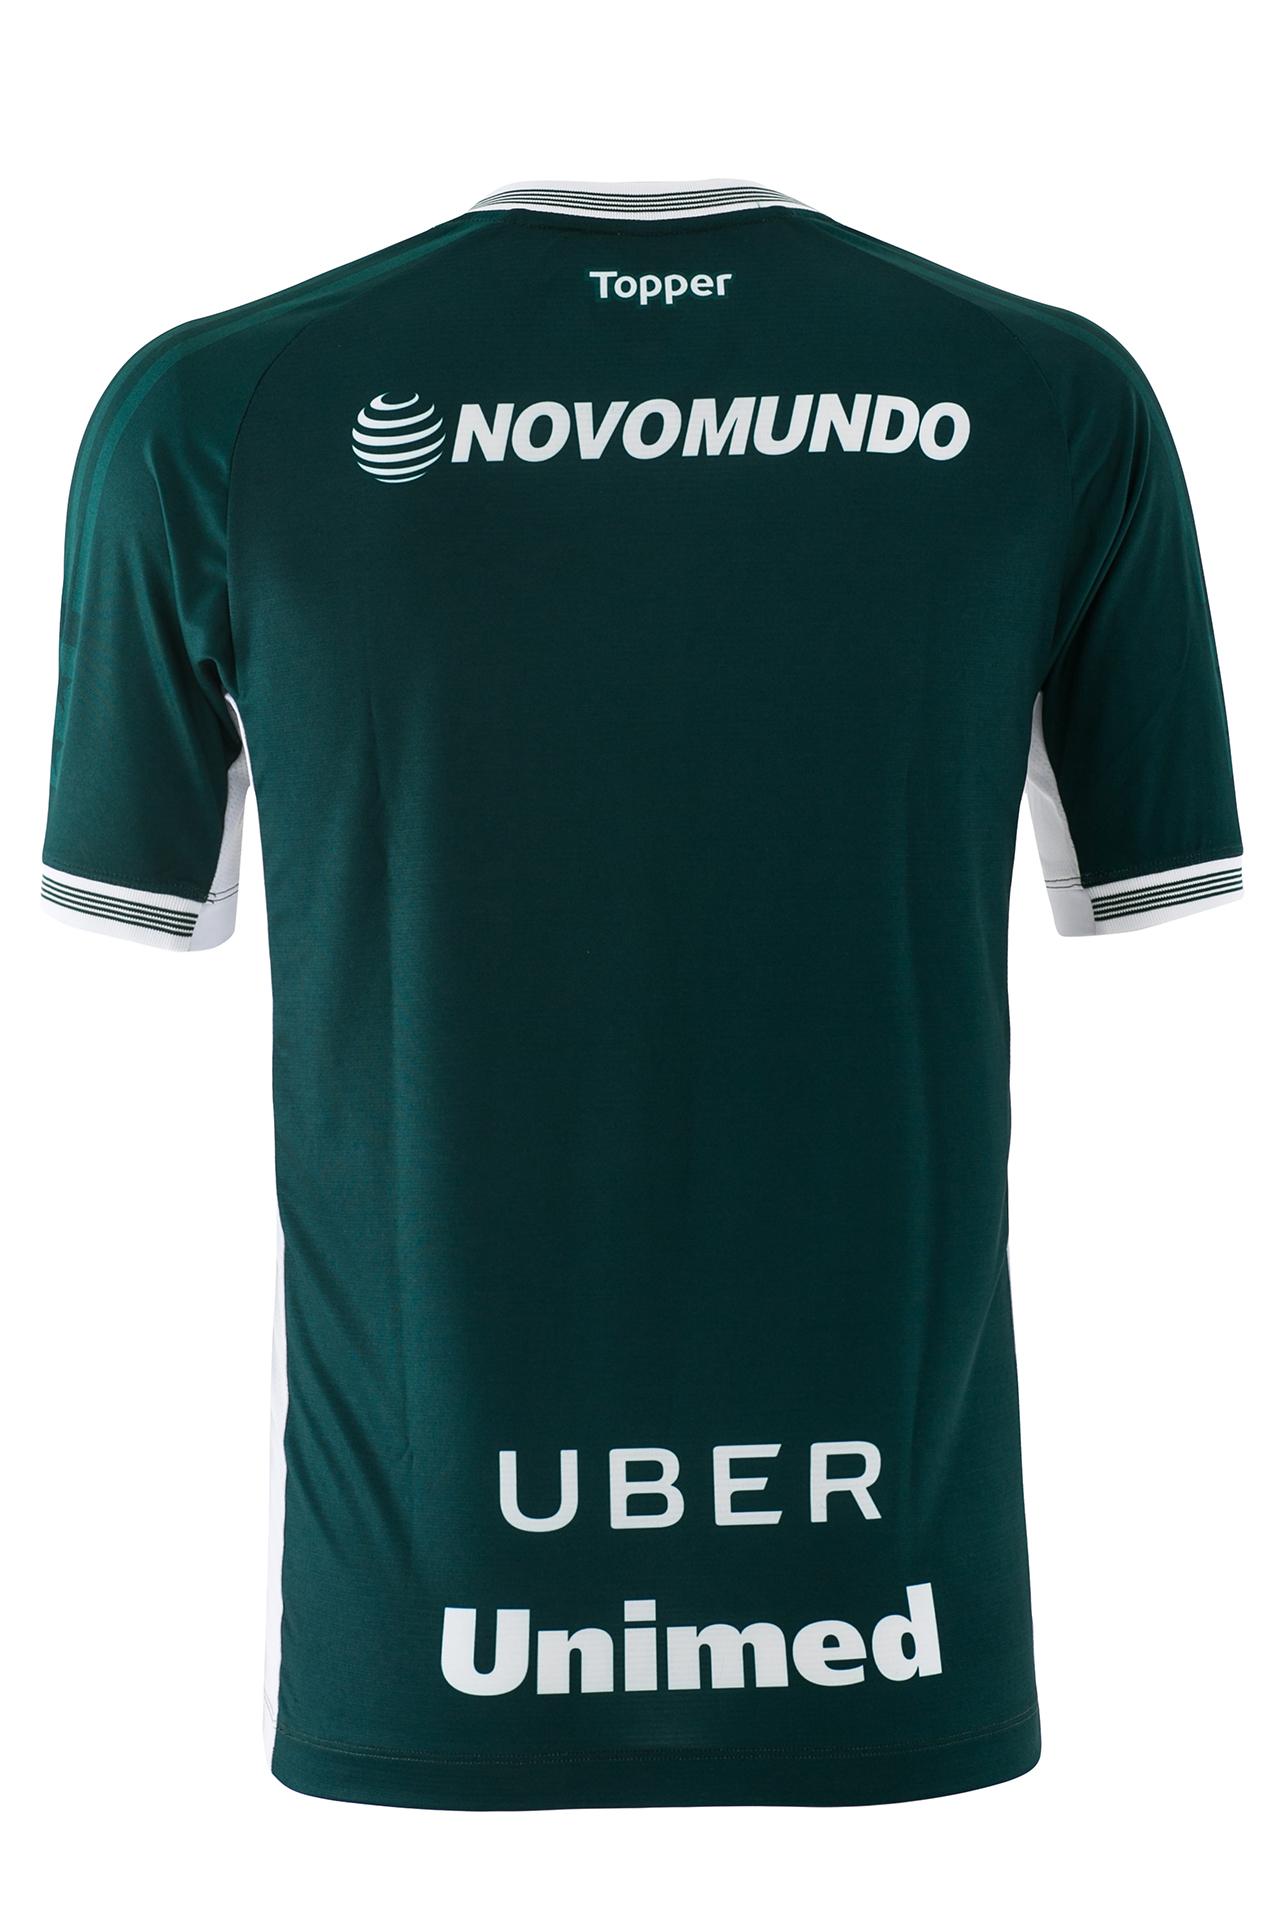 ec65185de35d1 Goiás valoriza ícones regionais em novas camisas 1 e 2